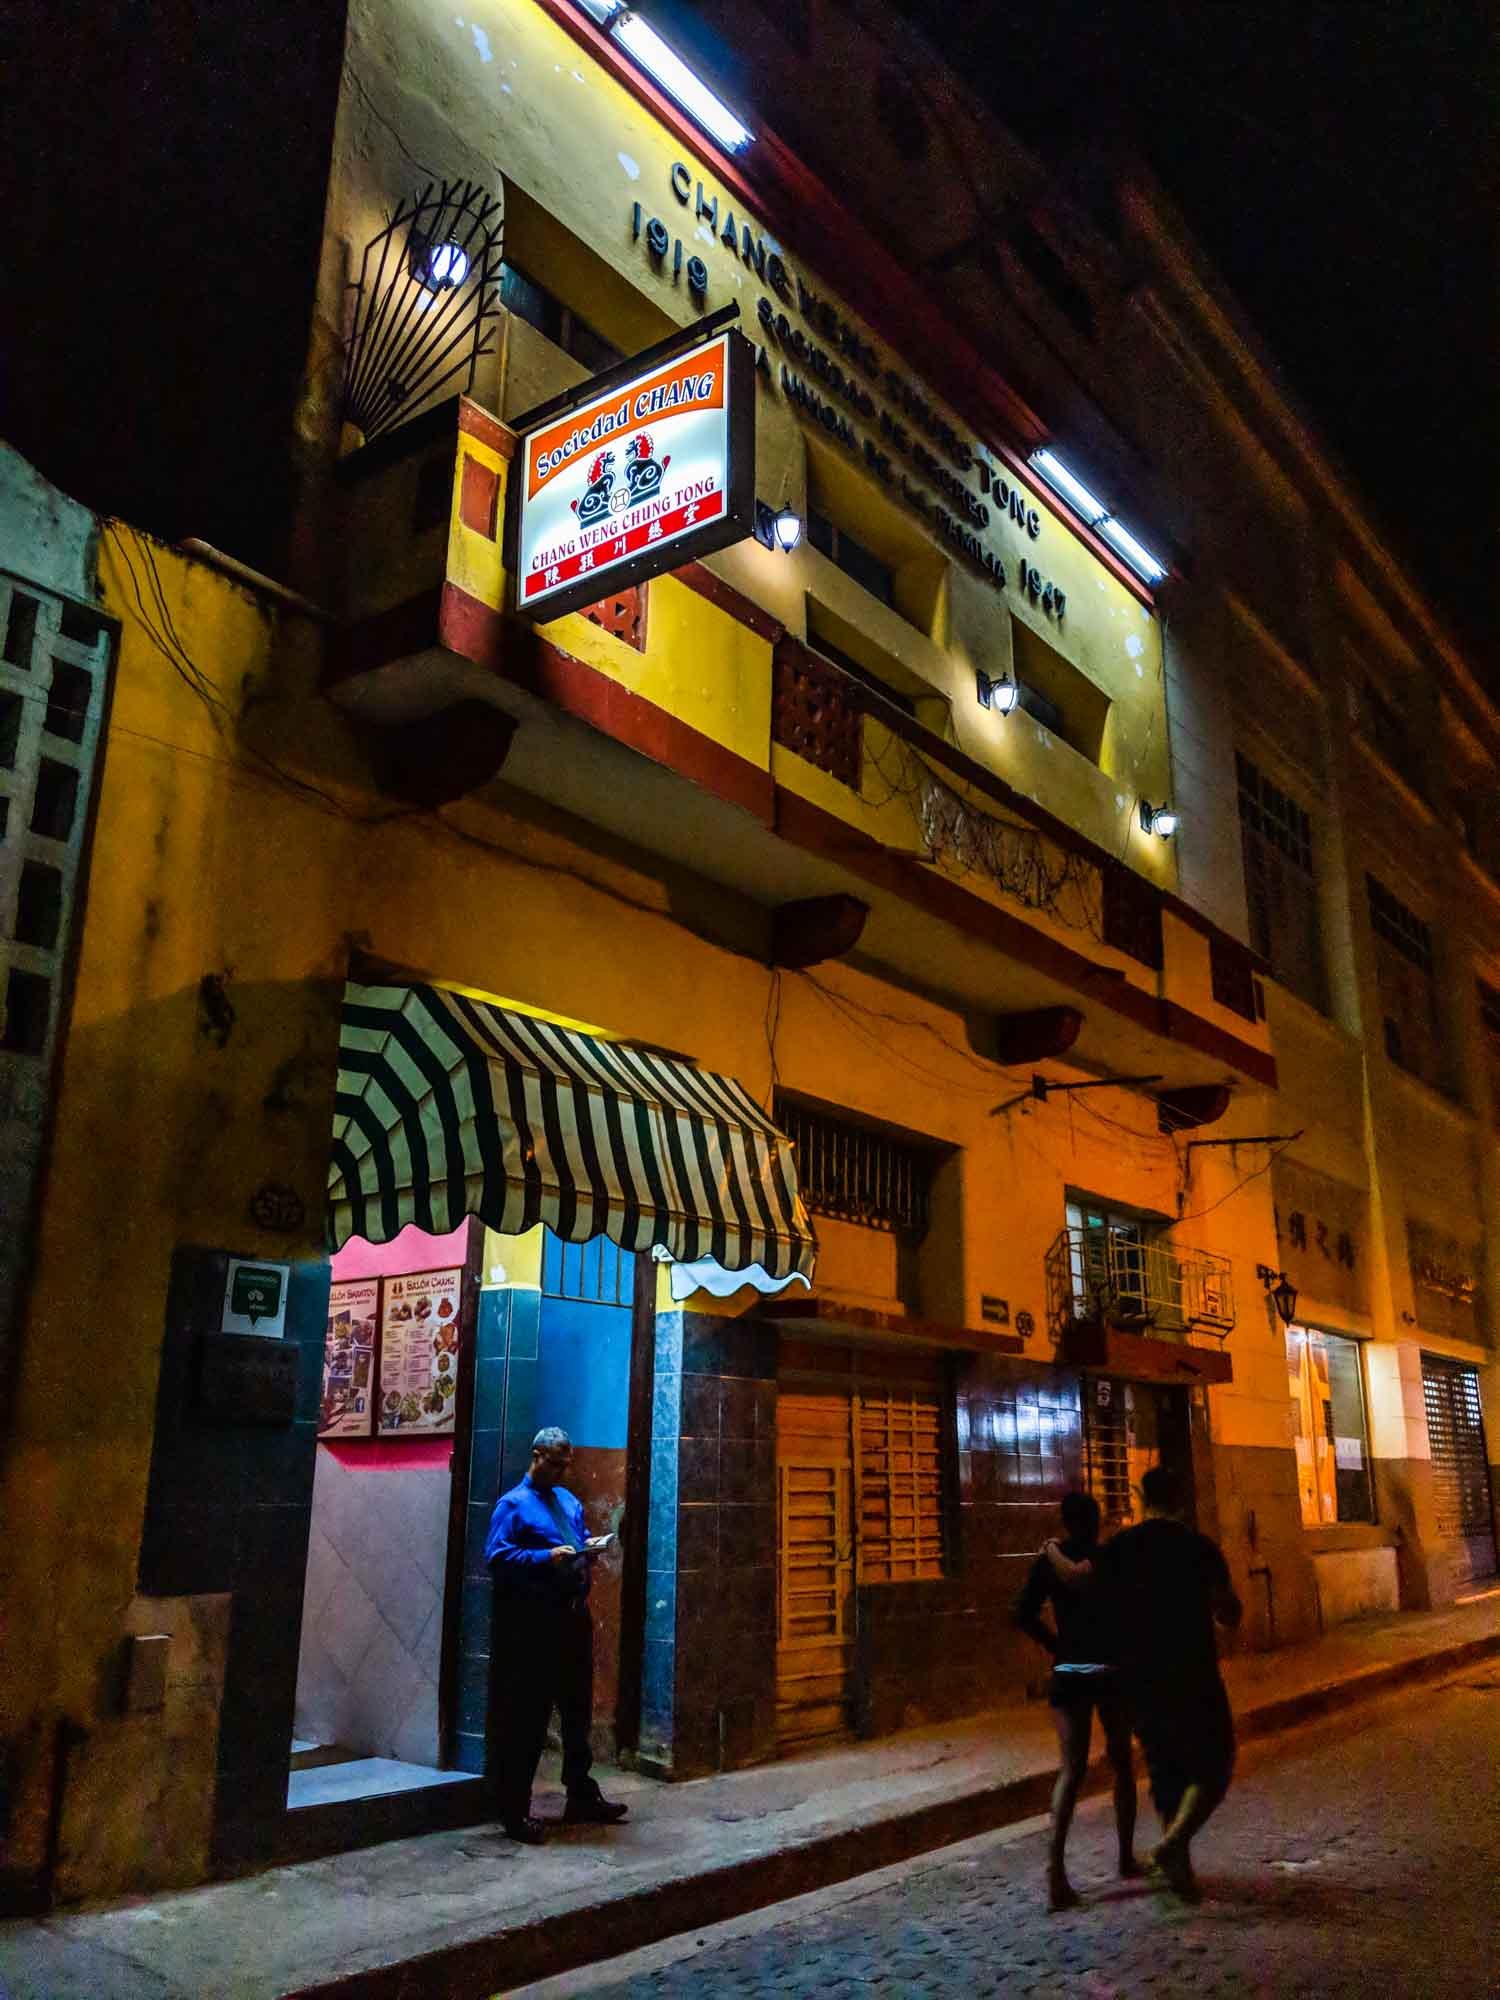 Sociedad Chang restaurant in Havana exterior